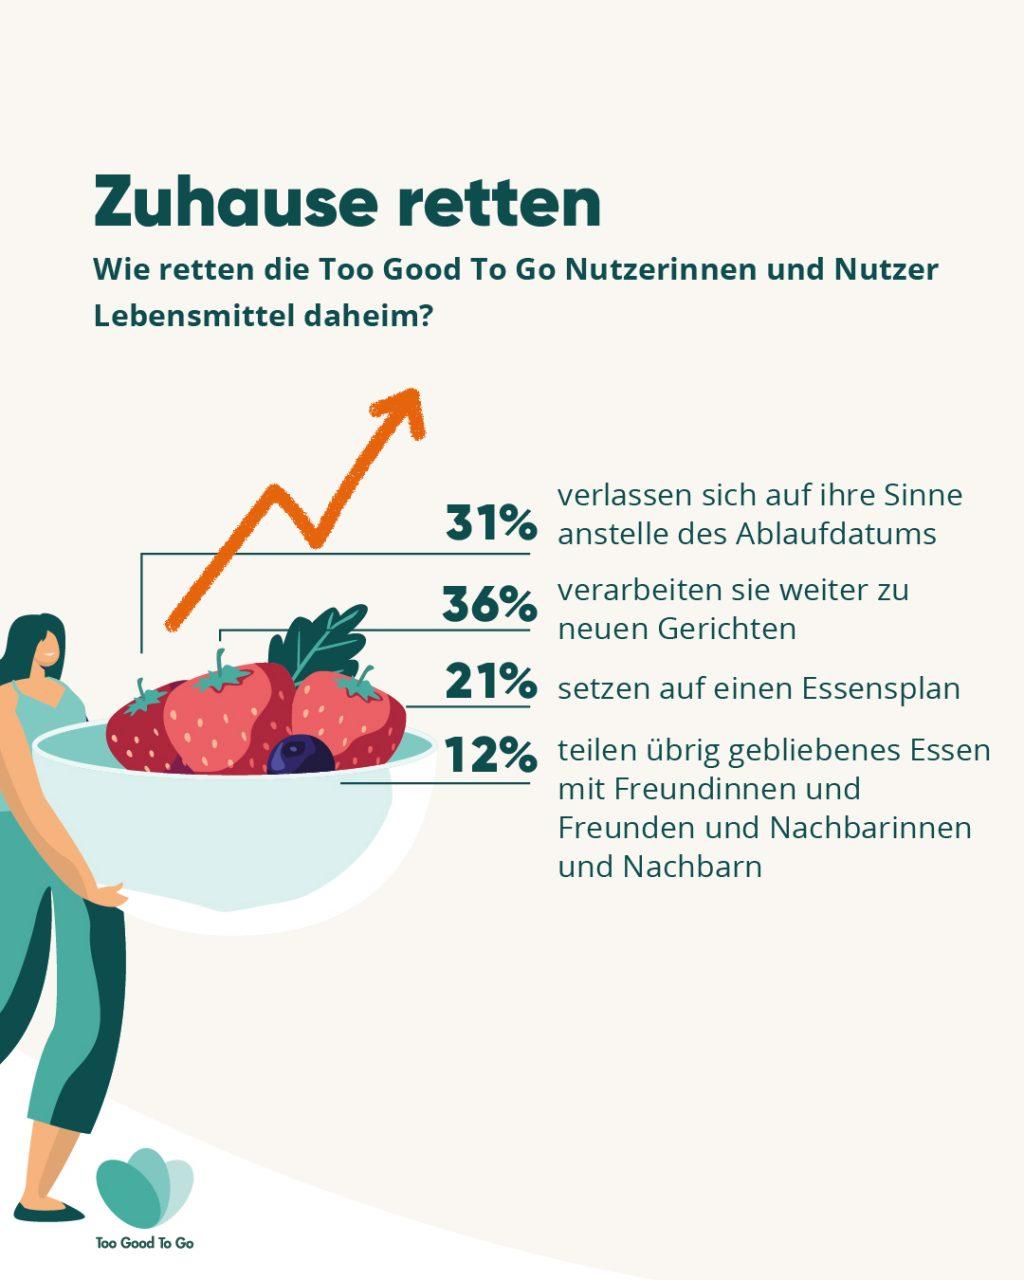 08_Infografik zuhause retten